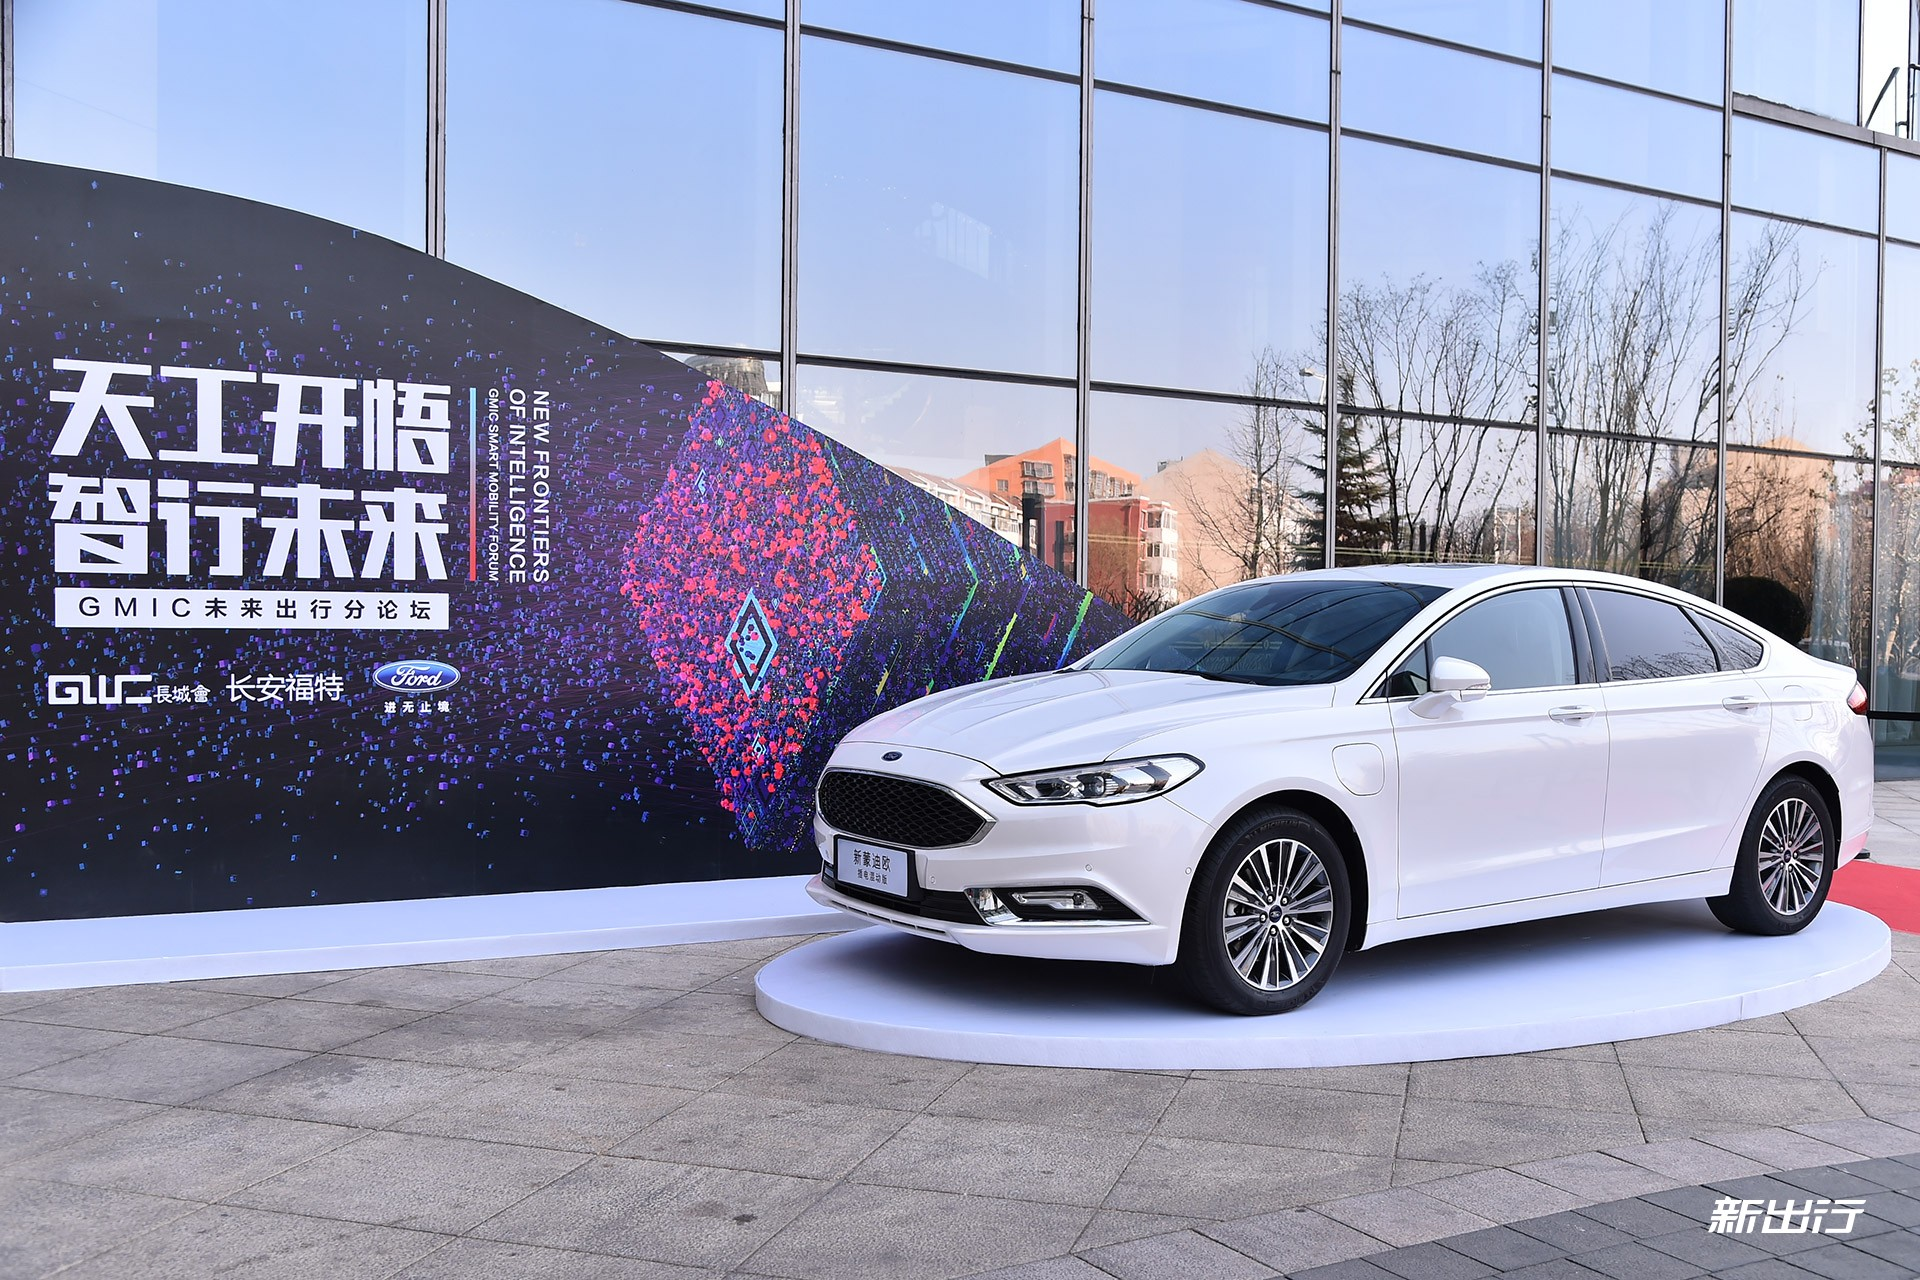 福特新蒙迪欧插电混动版车型亮相GMIC未来出行分论坛.jpg